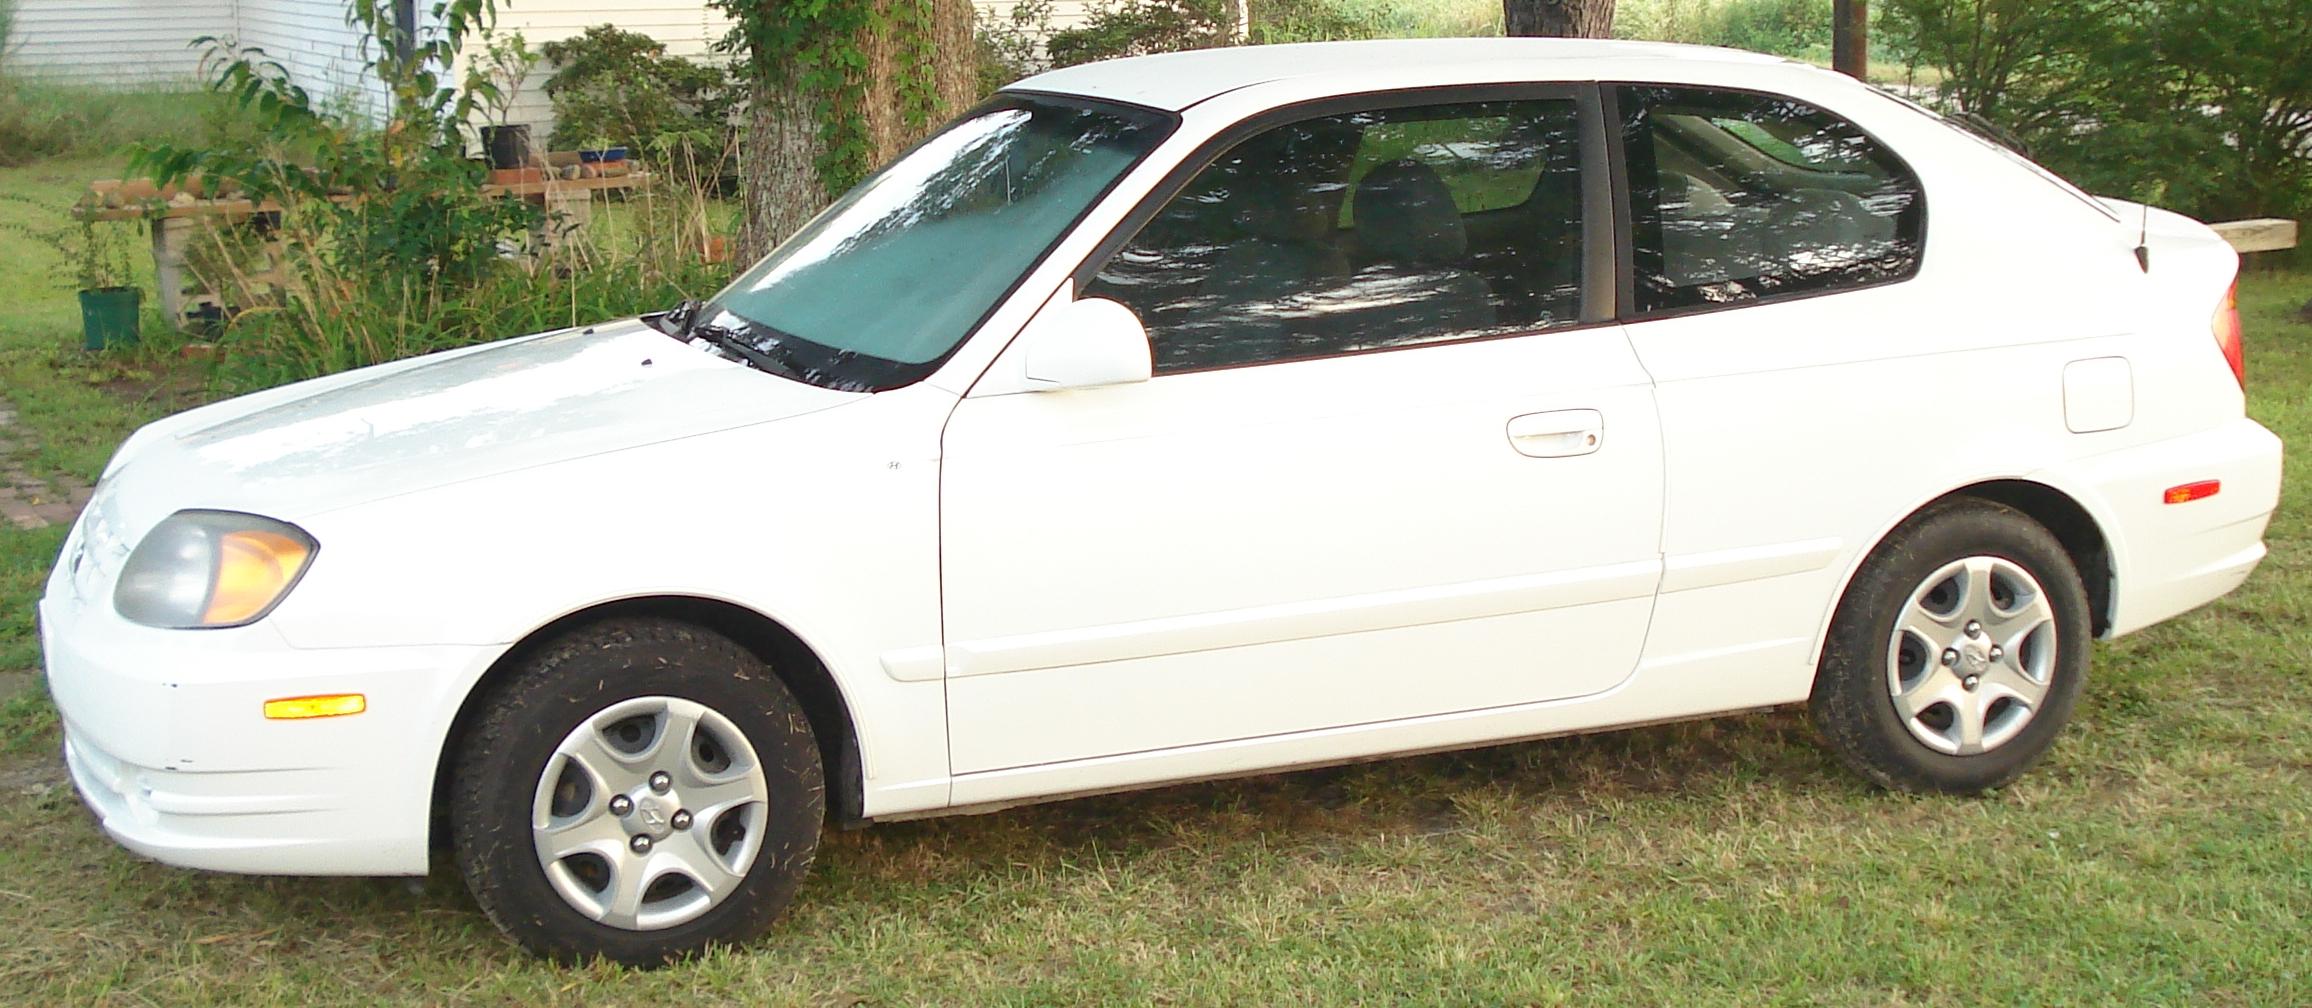 File:Hyundai Accent 2005.JPG